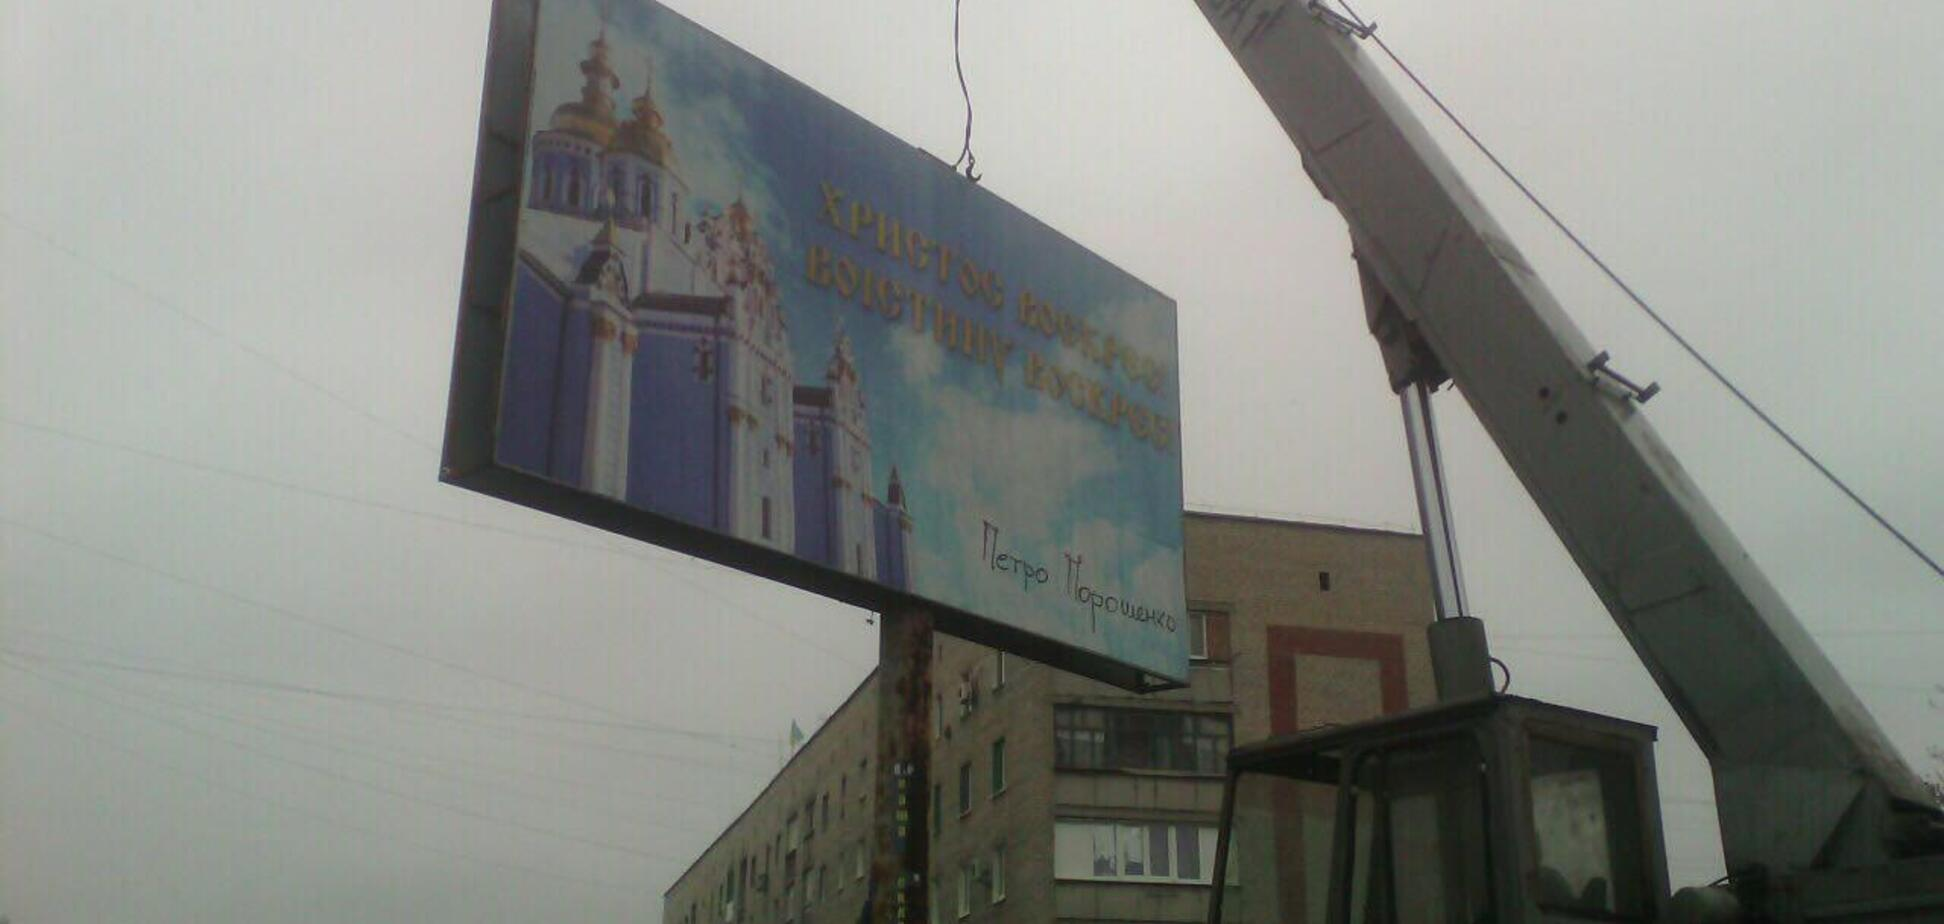 Проти єдиної церкви в Україні? На Донеччині прибрали борди Порошенка